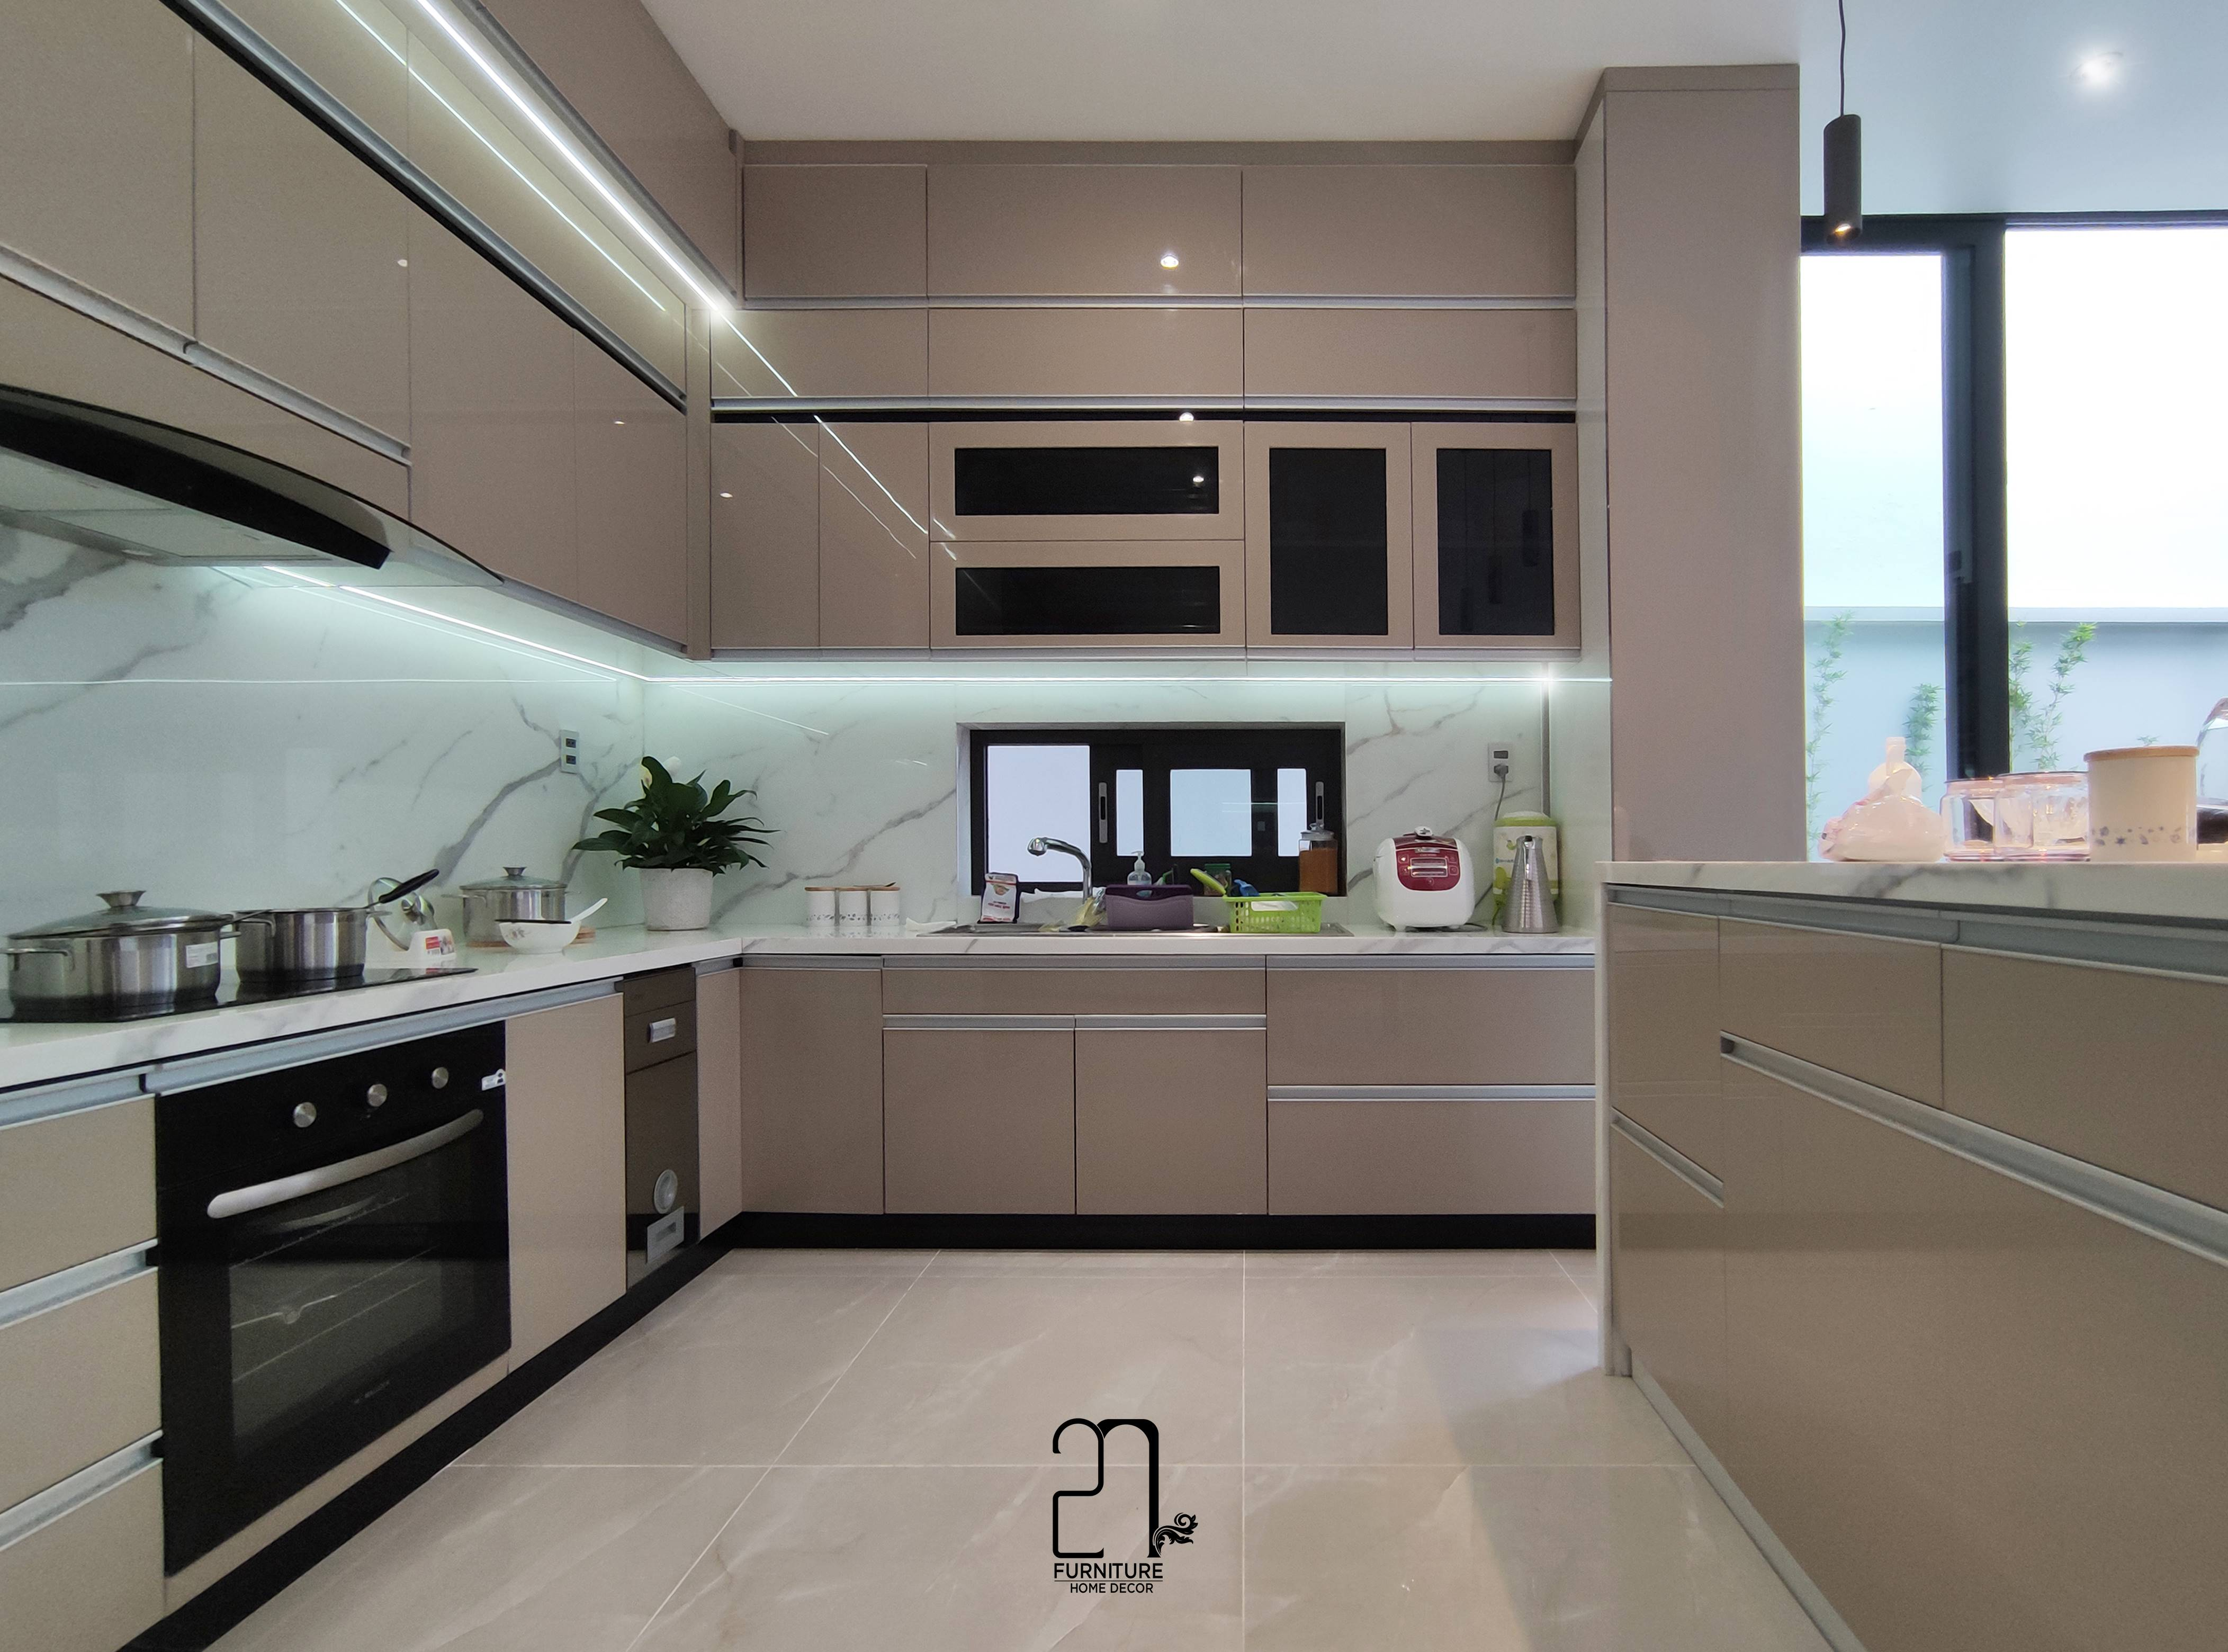 Thiết kế Biệt Thự tại Đồng Nai Thiết kế thi công biệt thự phố Biên Hòa 1631351895 11